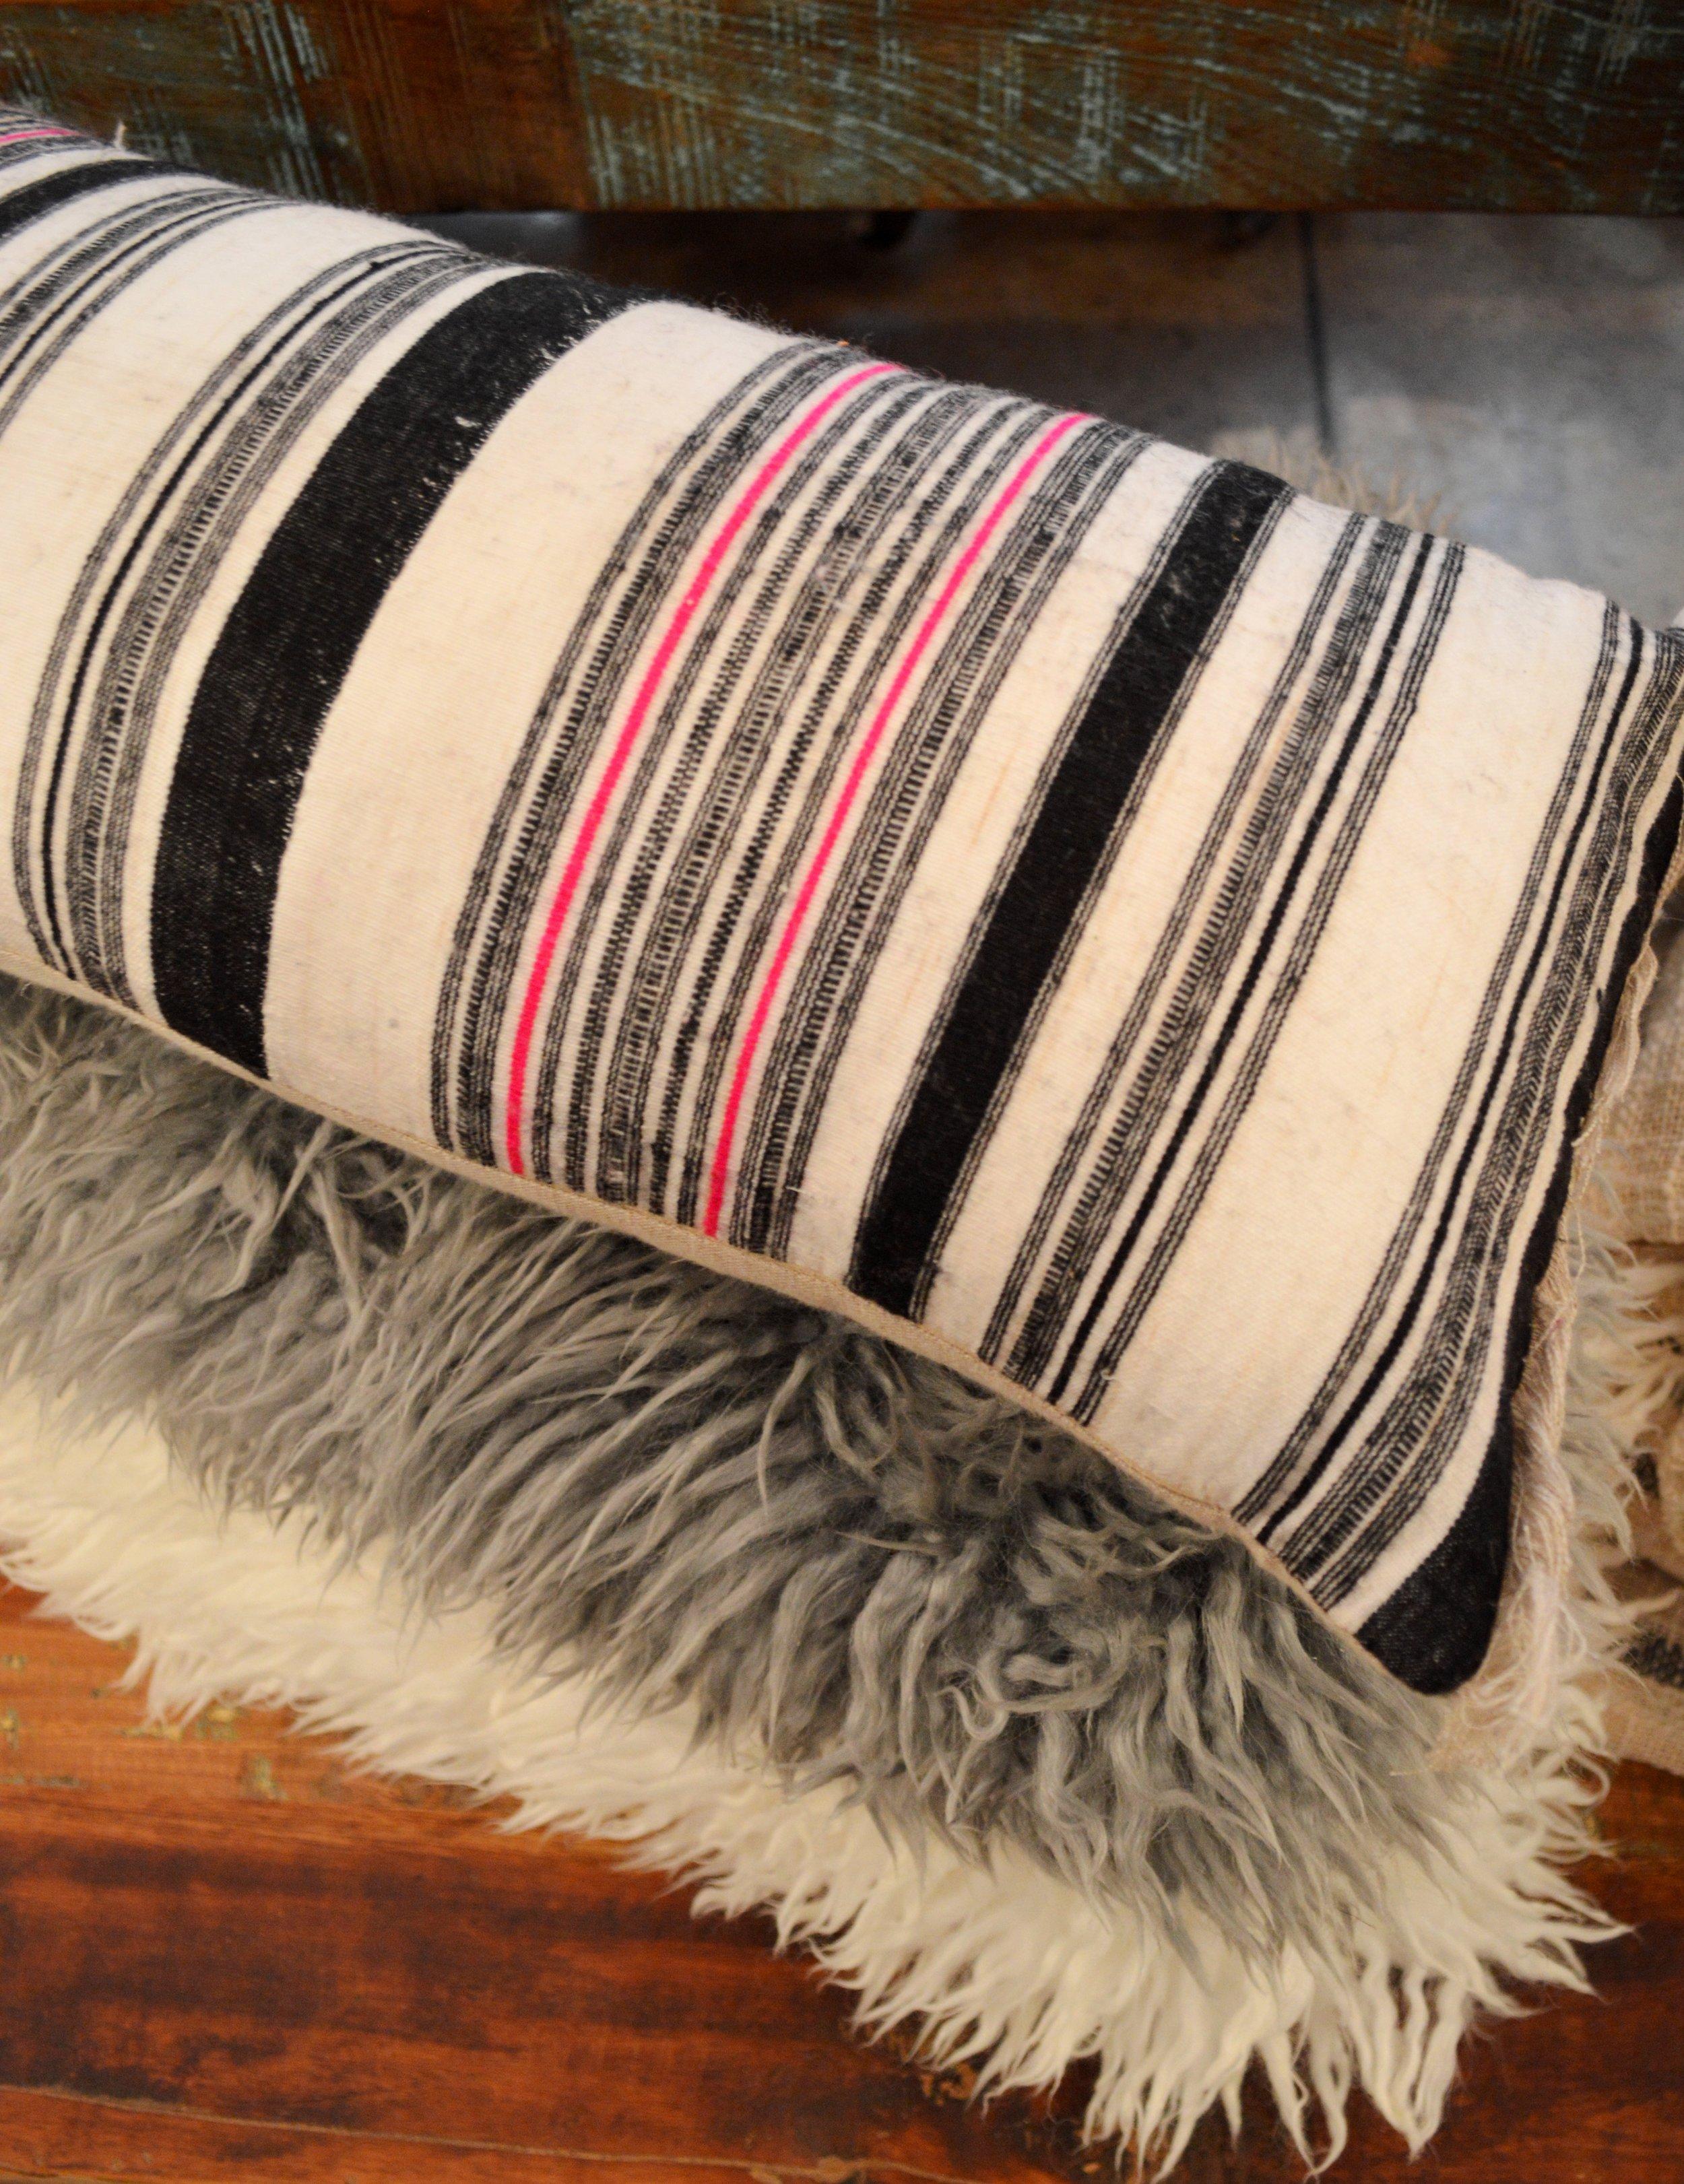 Vintage Fabric Cushion £34.95 and Yeti Sheepskin Rugs £90.00